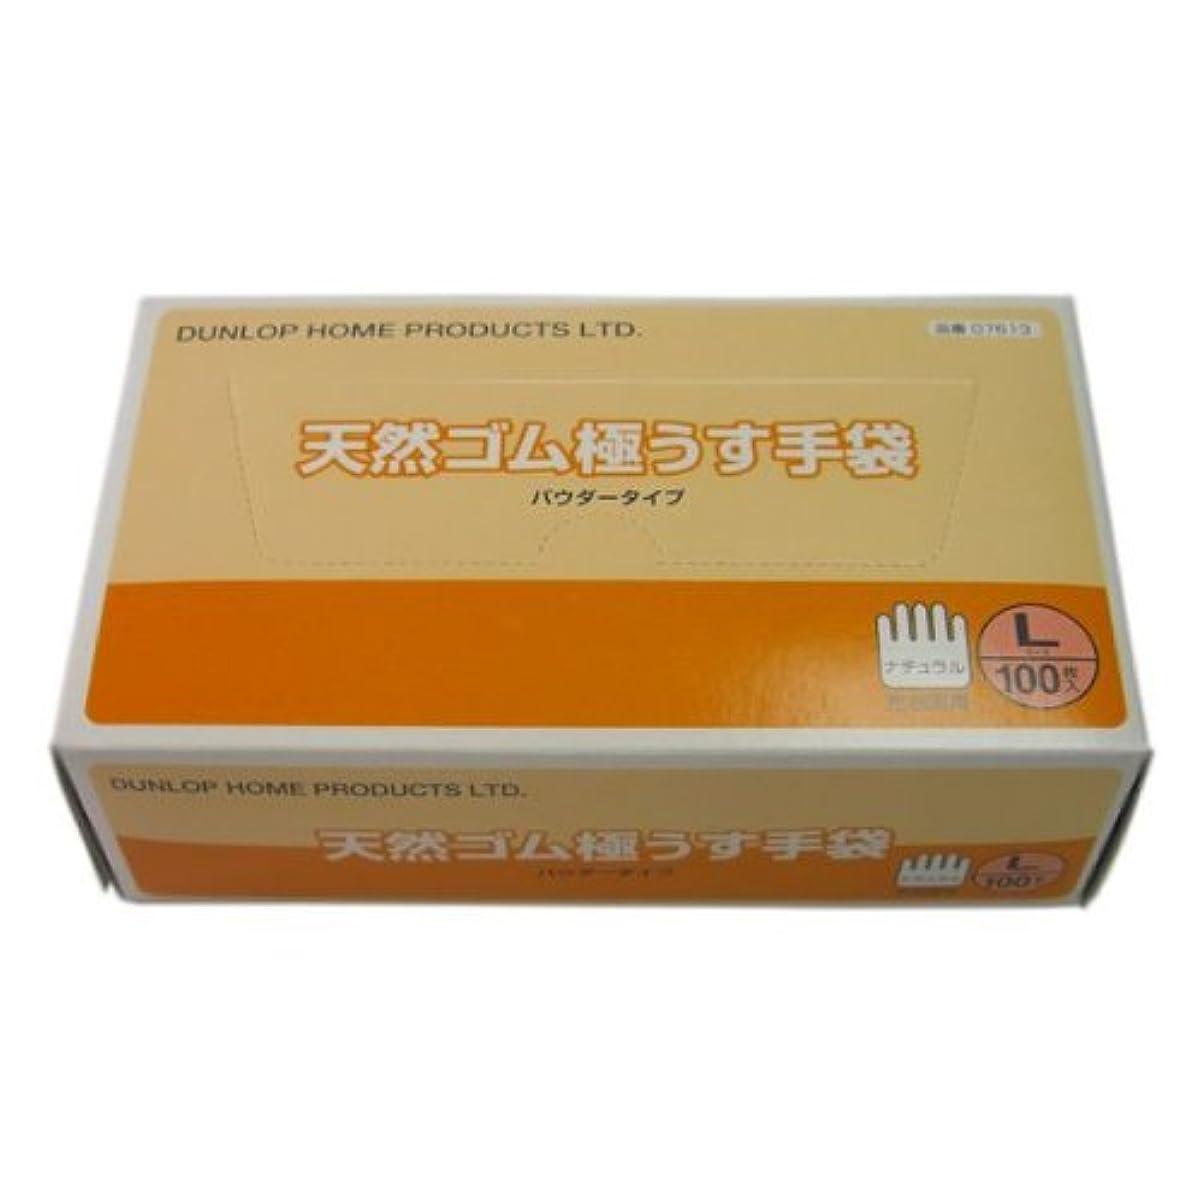 特性必需品頭痛ダンロップ 天然ゴムラテックス極うす手袋 Lサイズ 100枚入